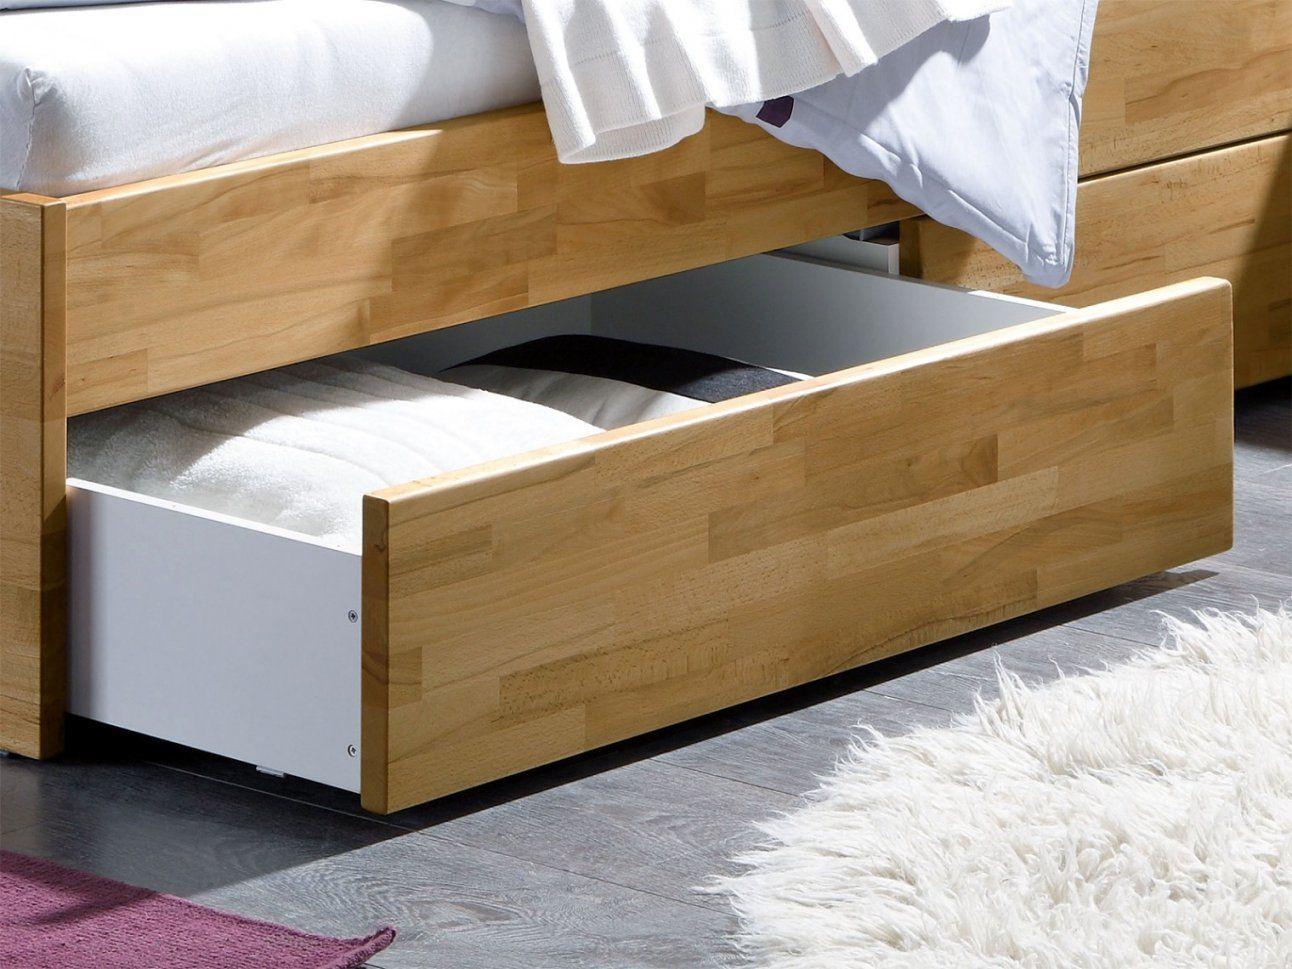 Neueste Podestbett Stauraum Bett Selber Bauen Trendy Fabulous Good von Podestbett Stauraum Bett Selber Bauen Photo